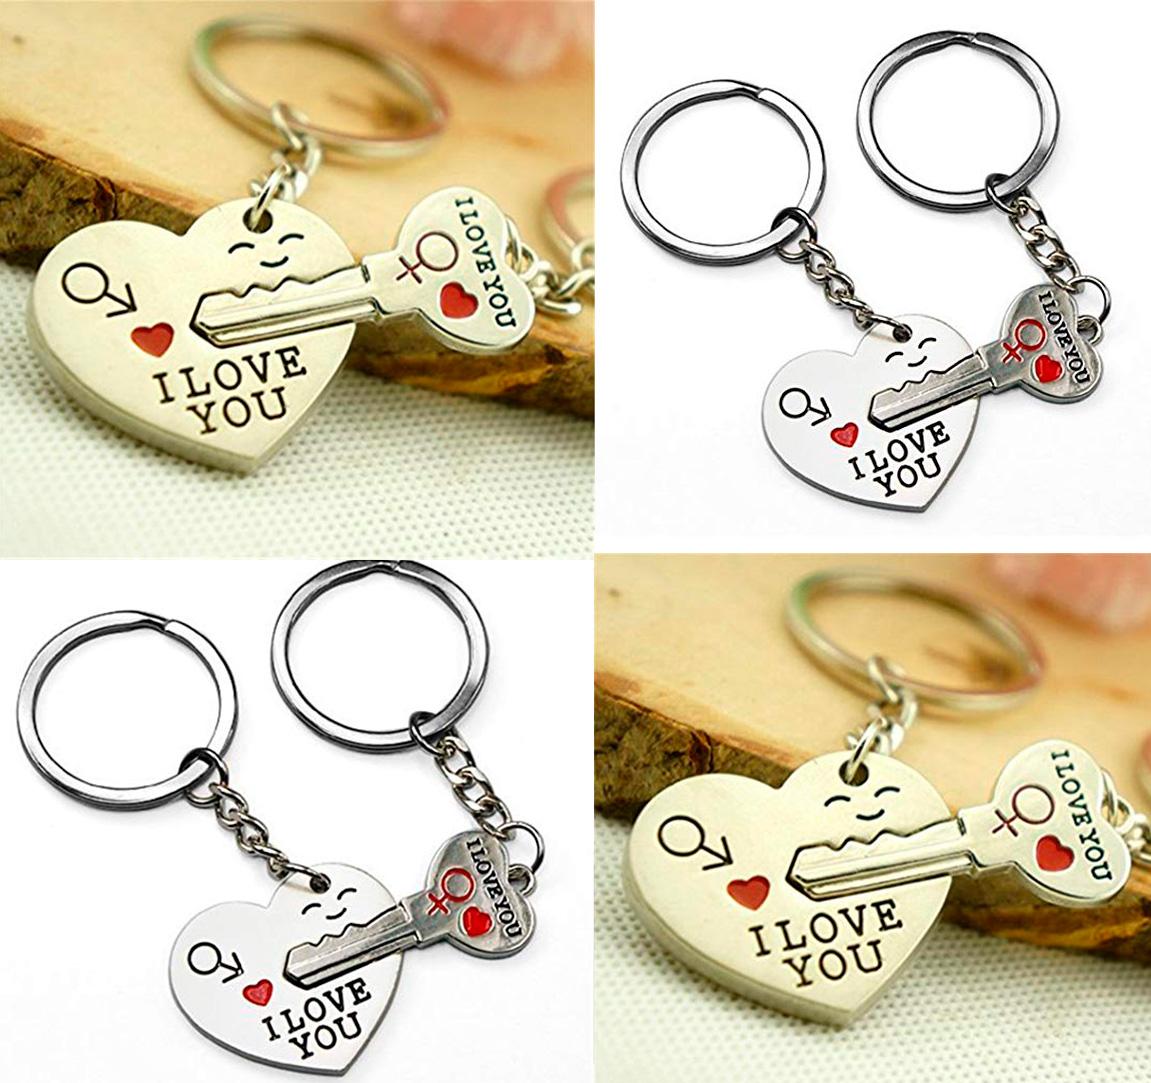 Boyfriend gift ideas for Valentine's